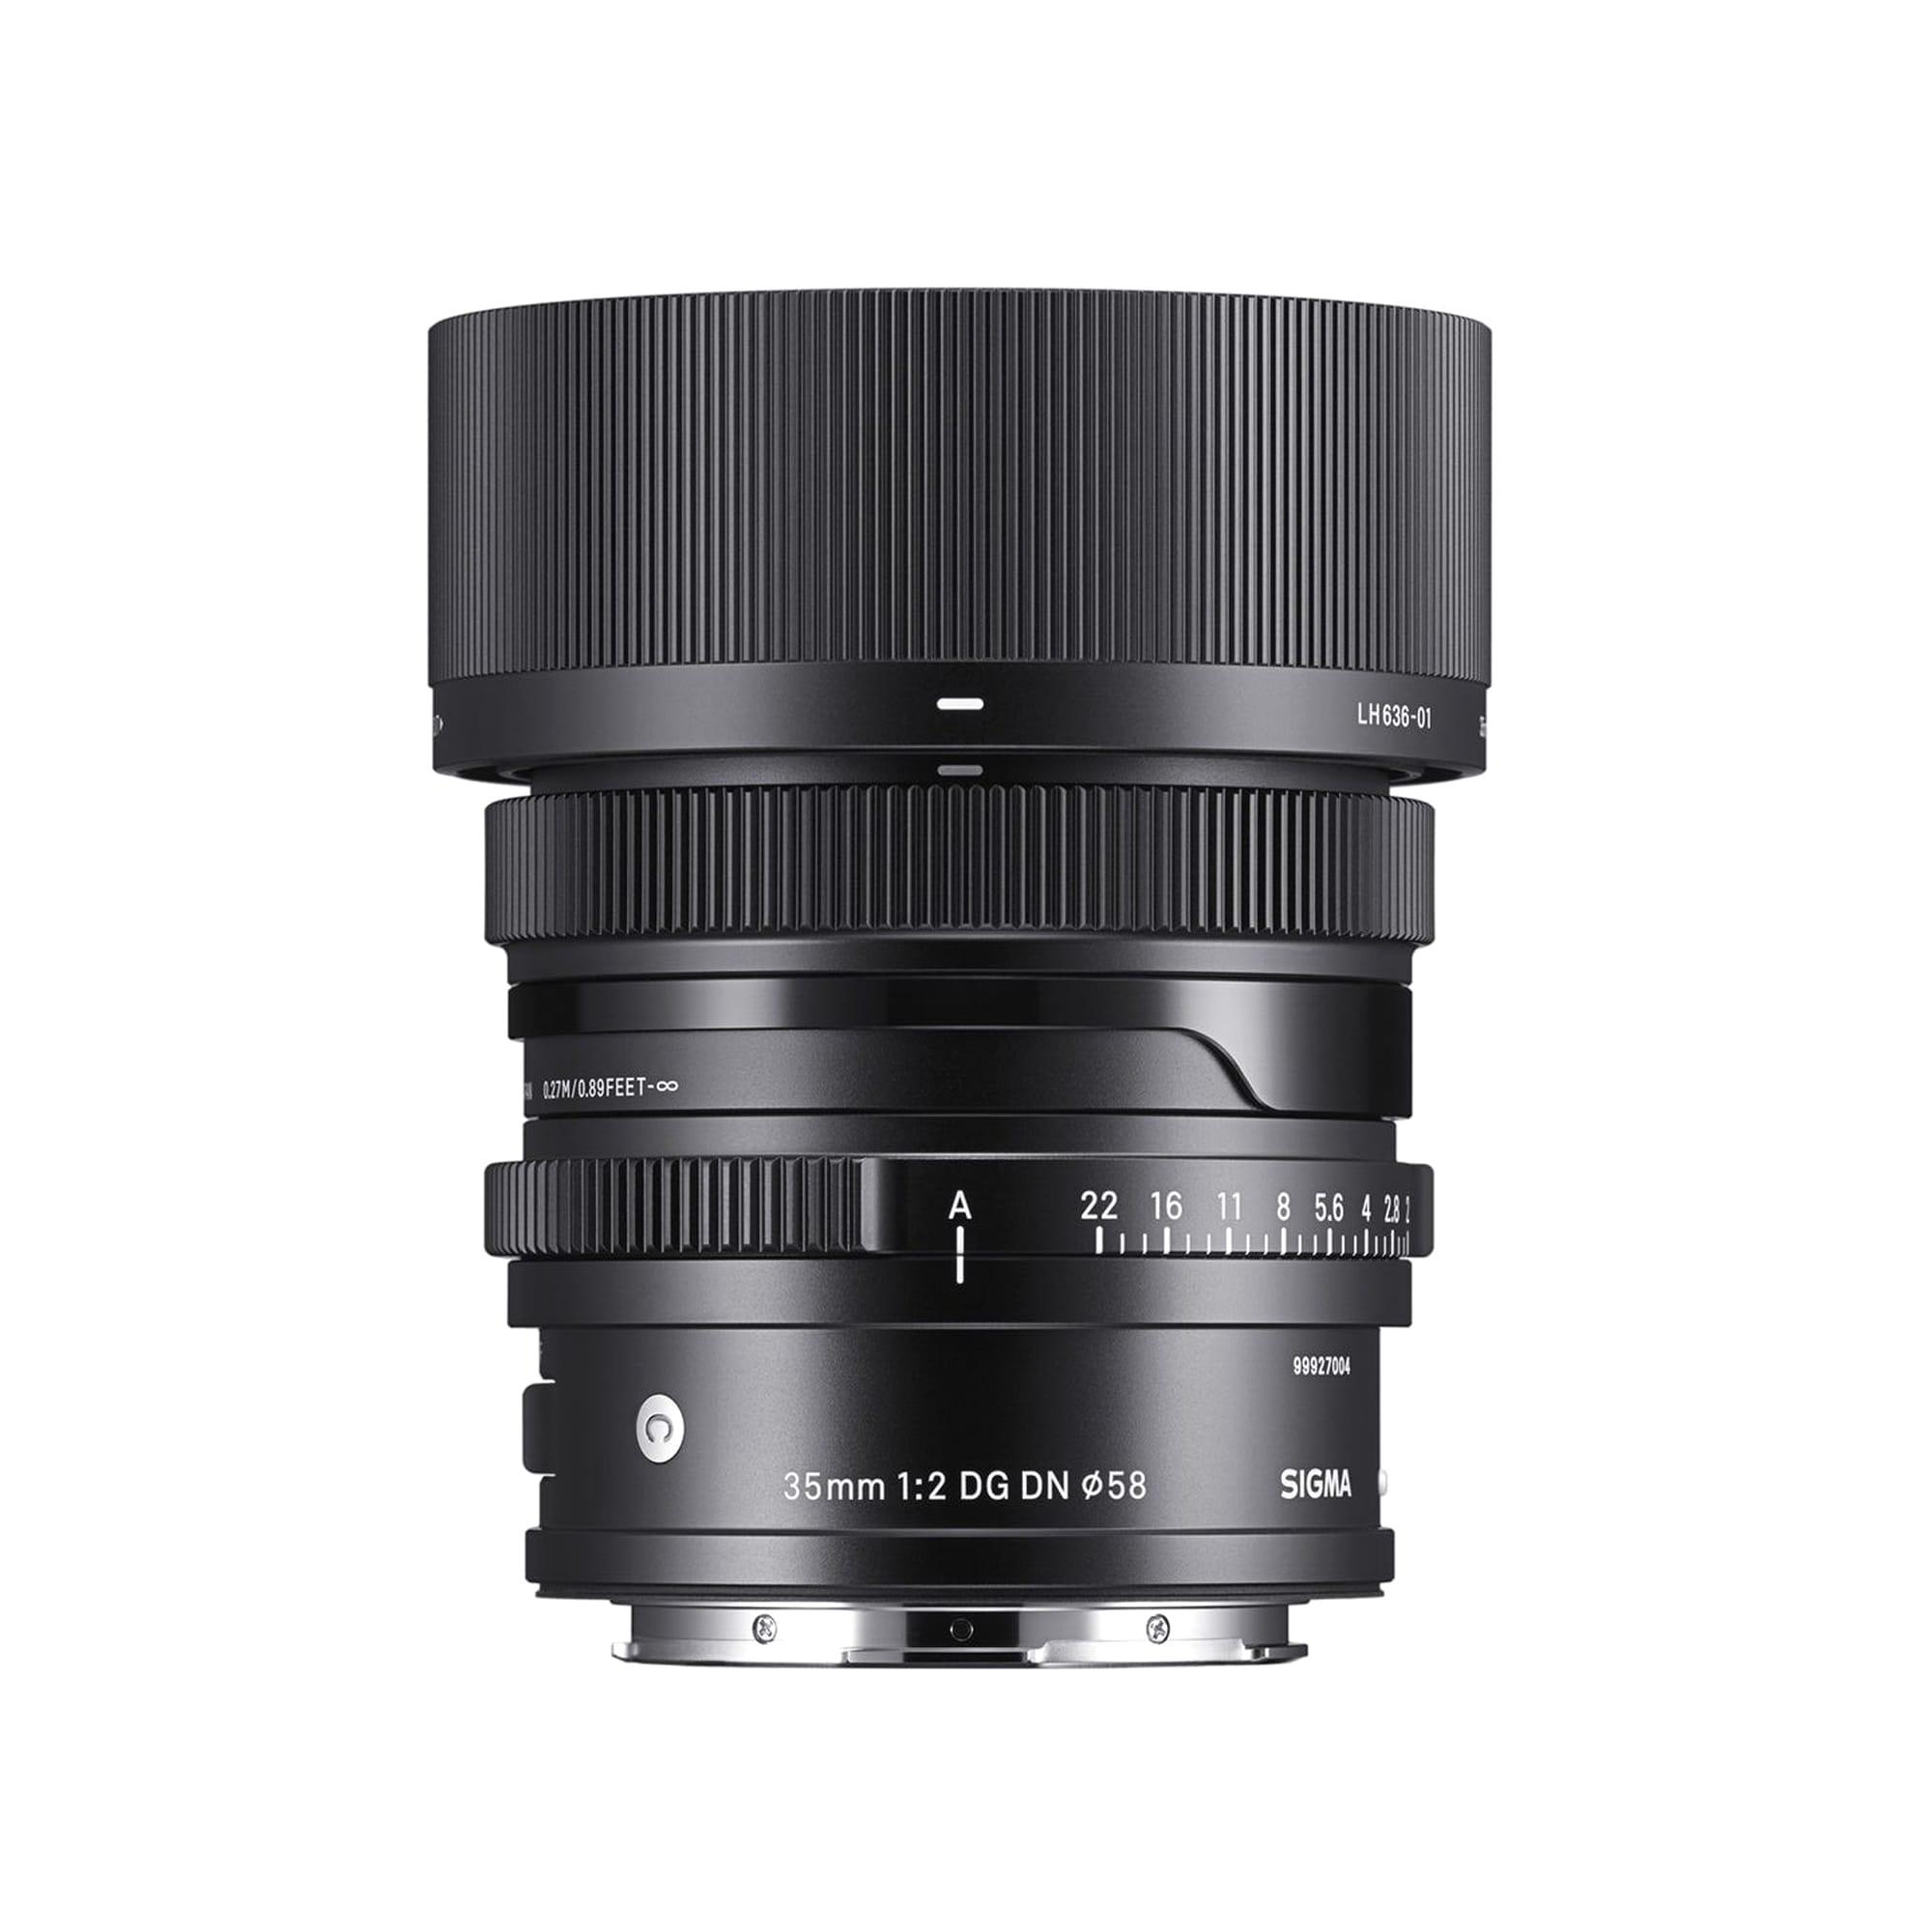 Sigma 35mm F/2 DG DN L-MOUNT